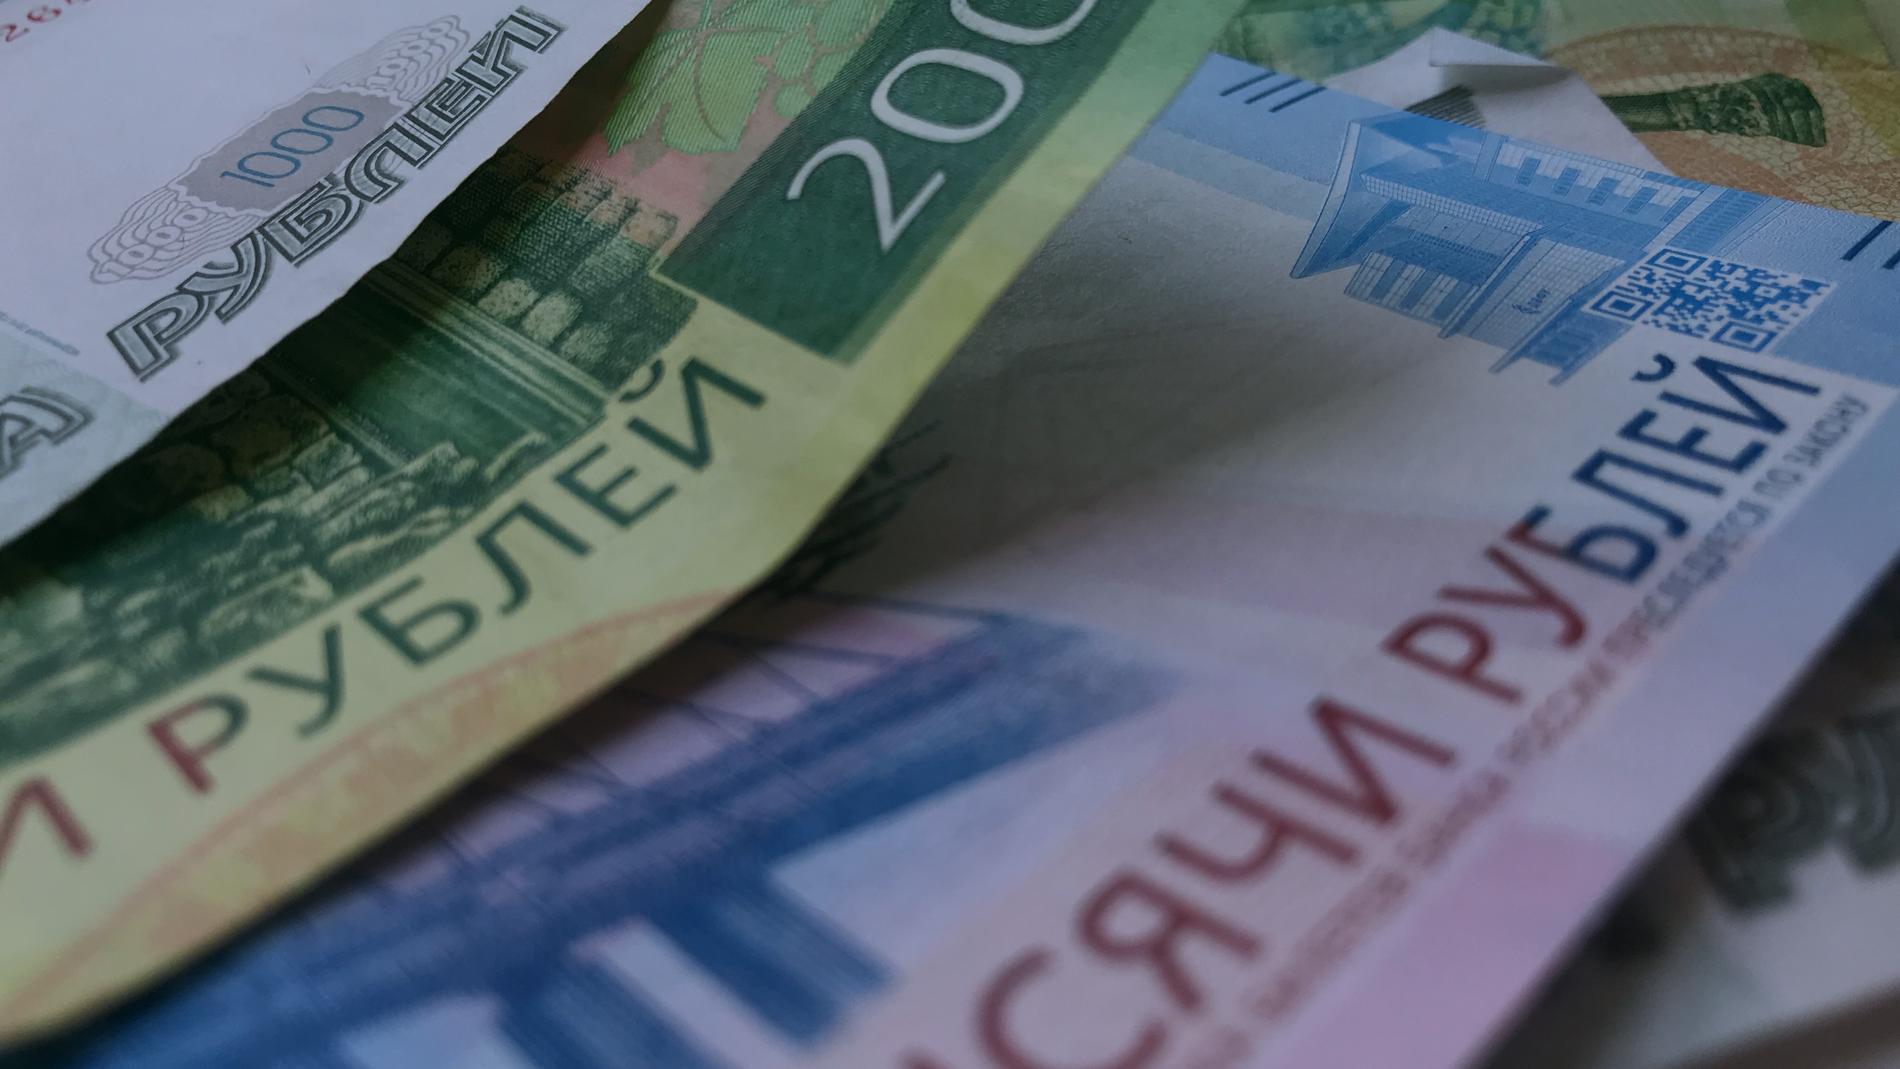 С 1 октября изменится порядок получения пособий и субсидий. Кого из миллионов россиян это коснется